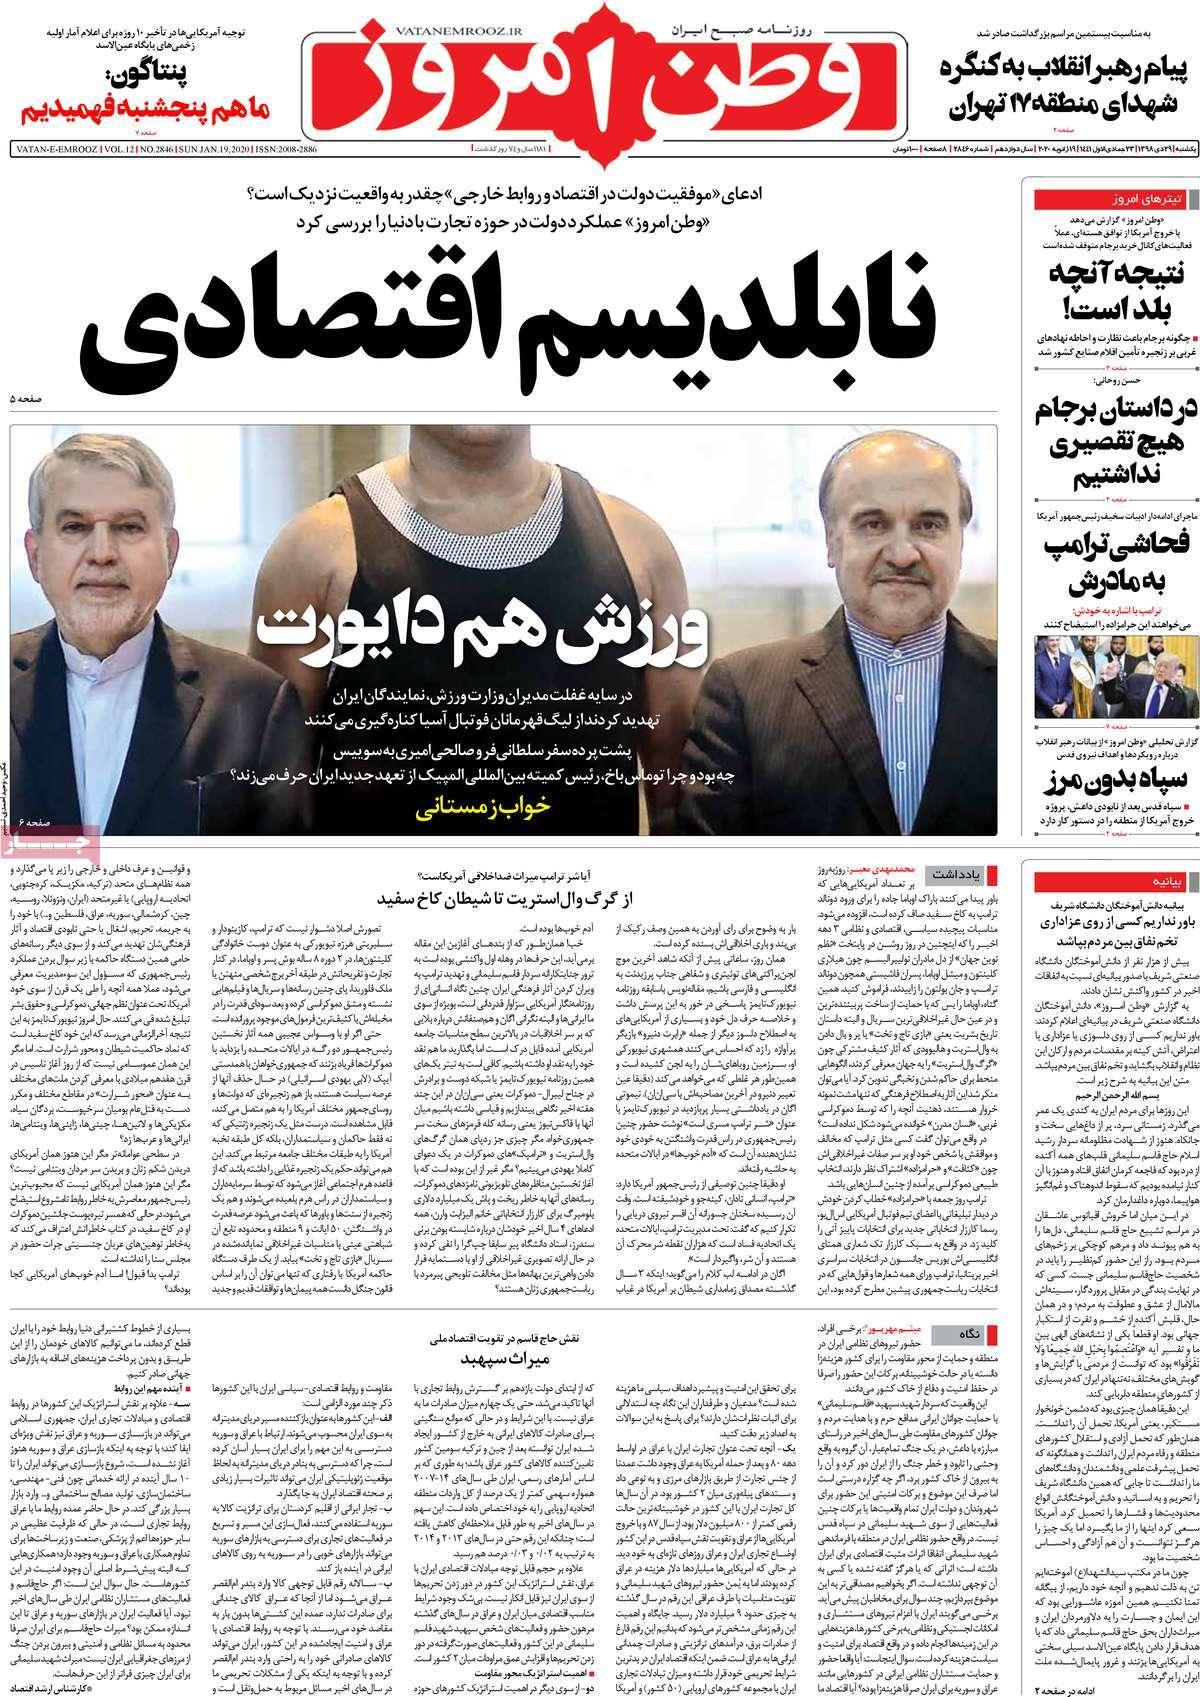 96da2f59 عناوین روزنامه های امروز یکشنبه 29 دی 98 + تصویر